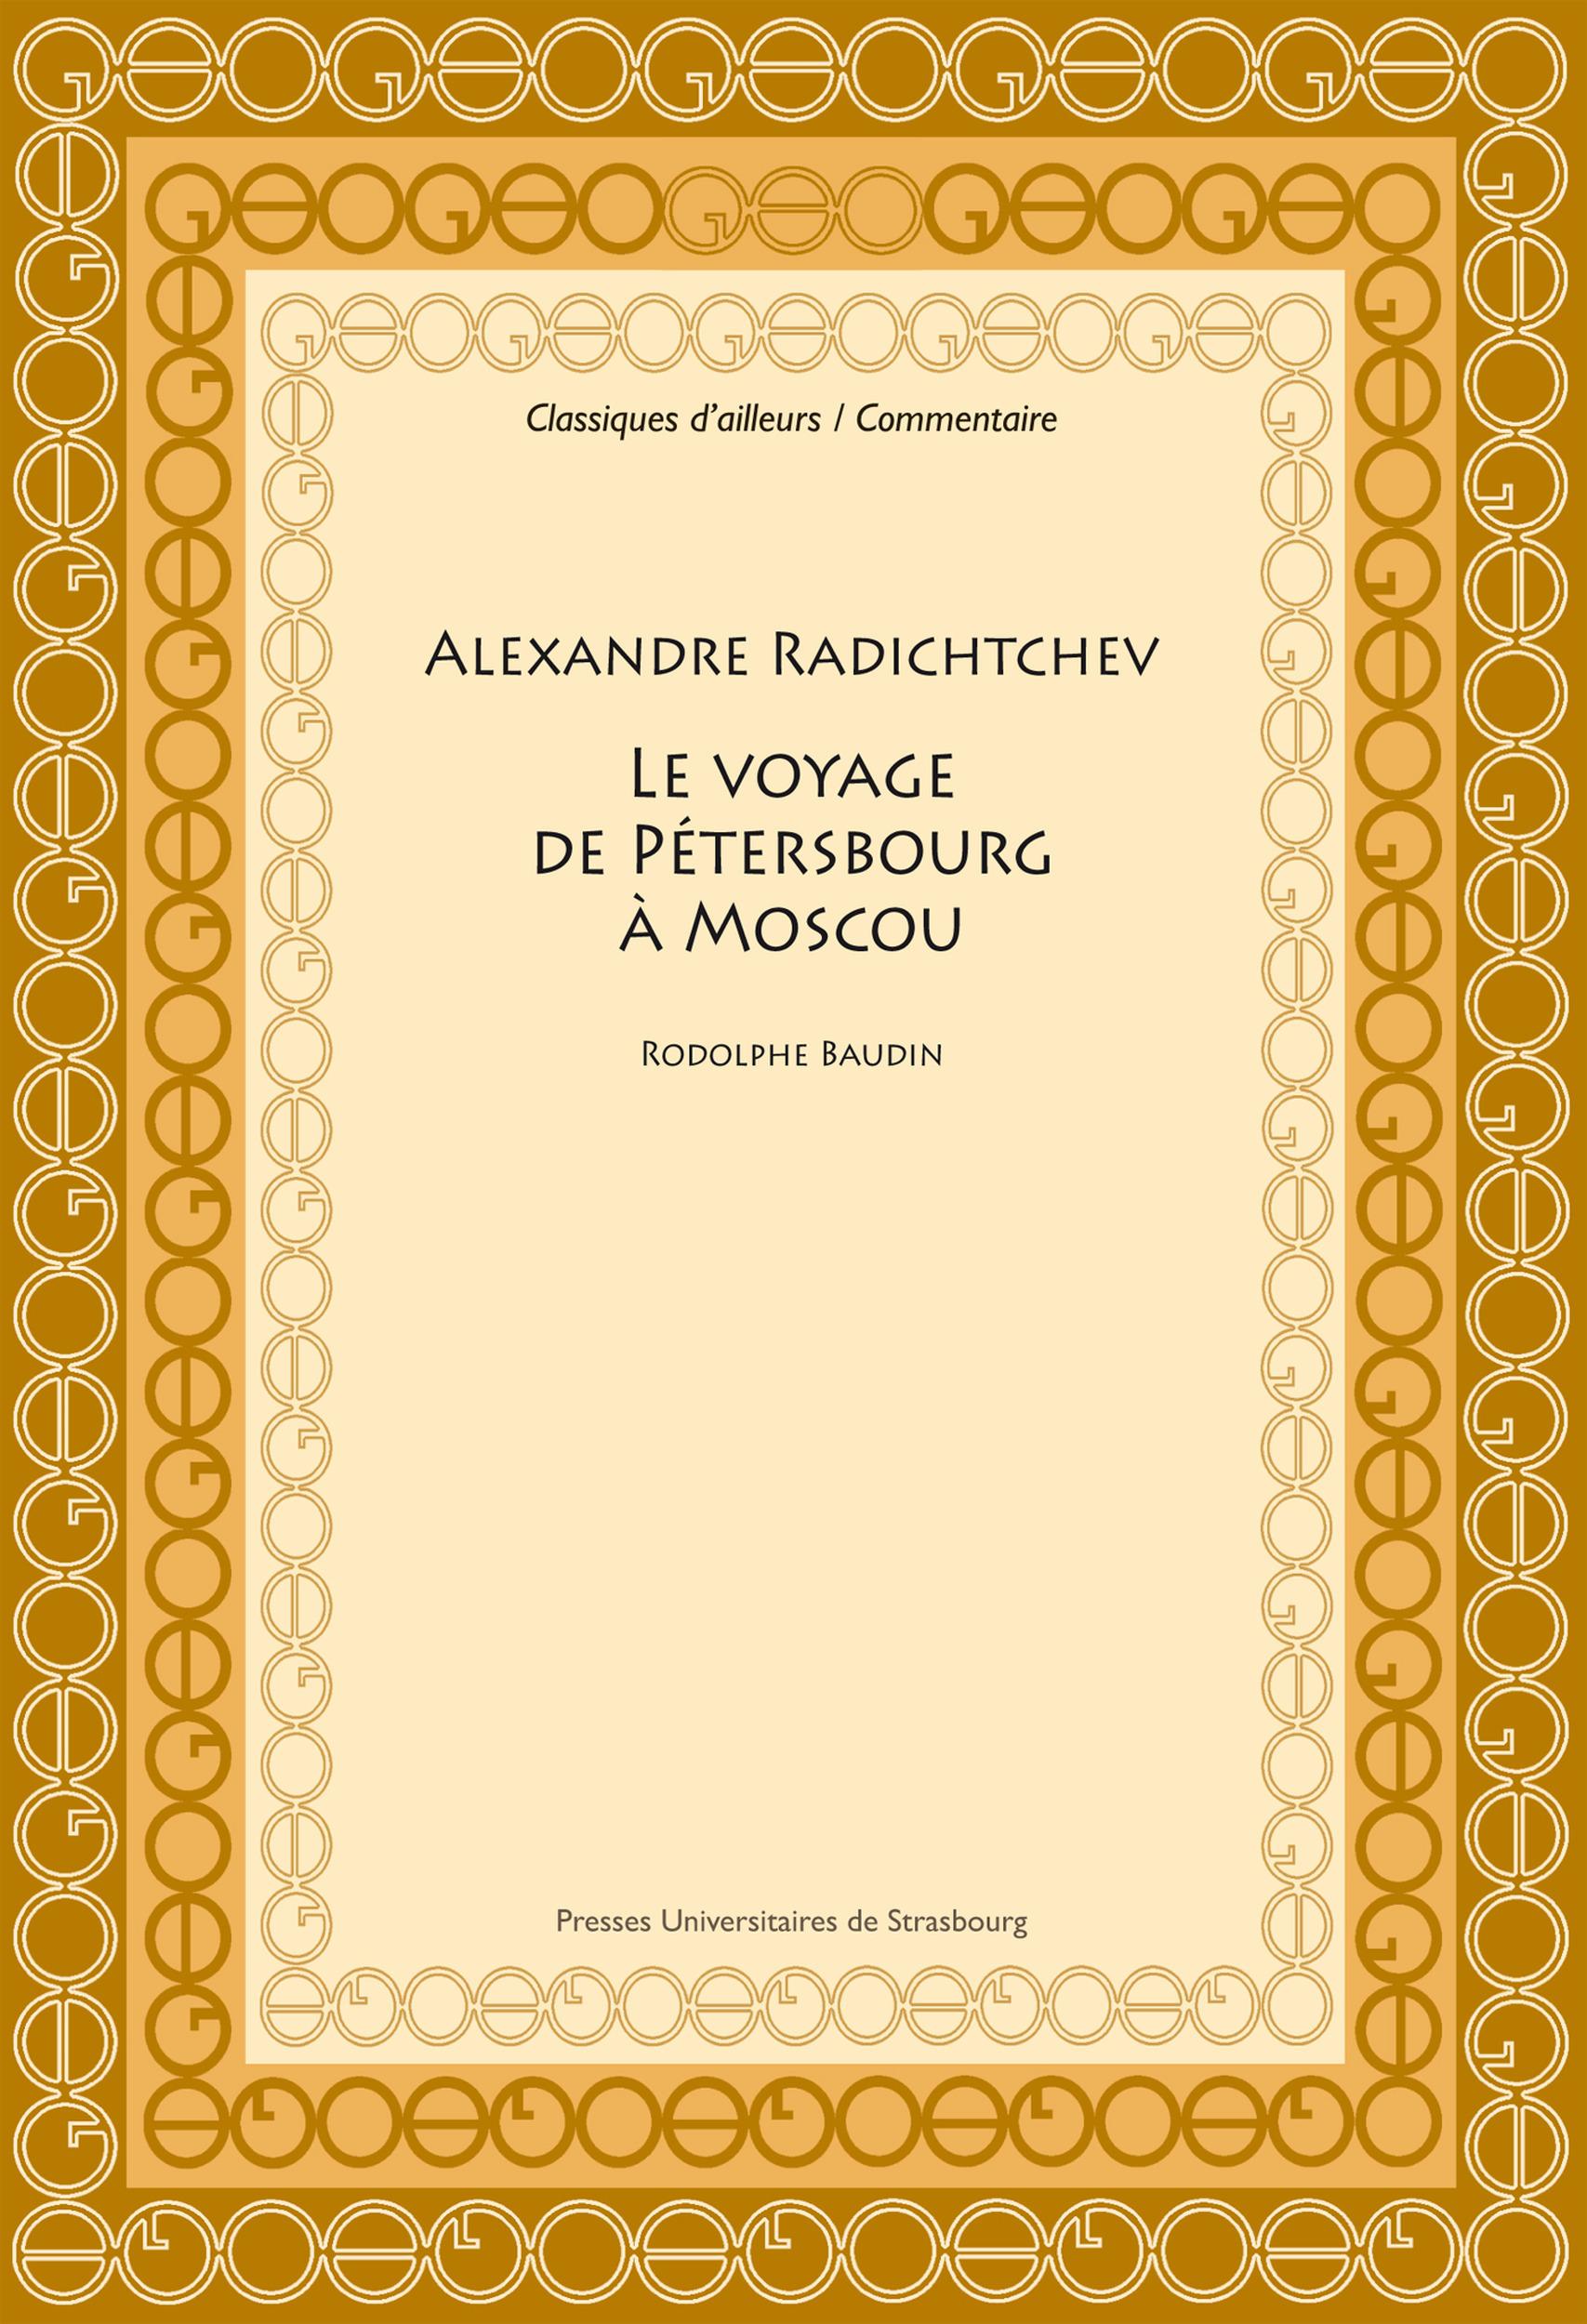 Alexandre radichtchev - le voyage  de petersbourg a moscou. (1790)